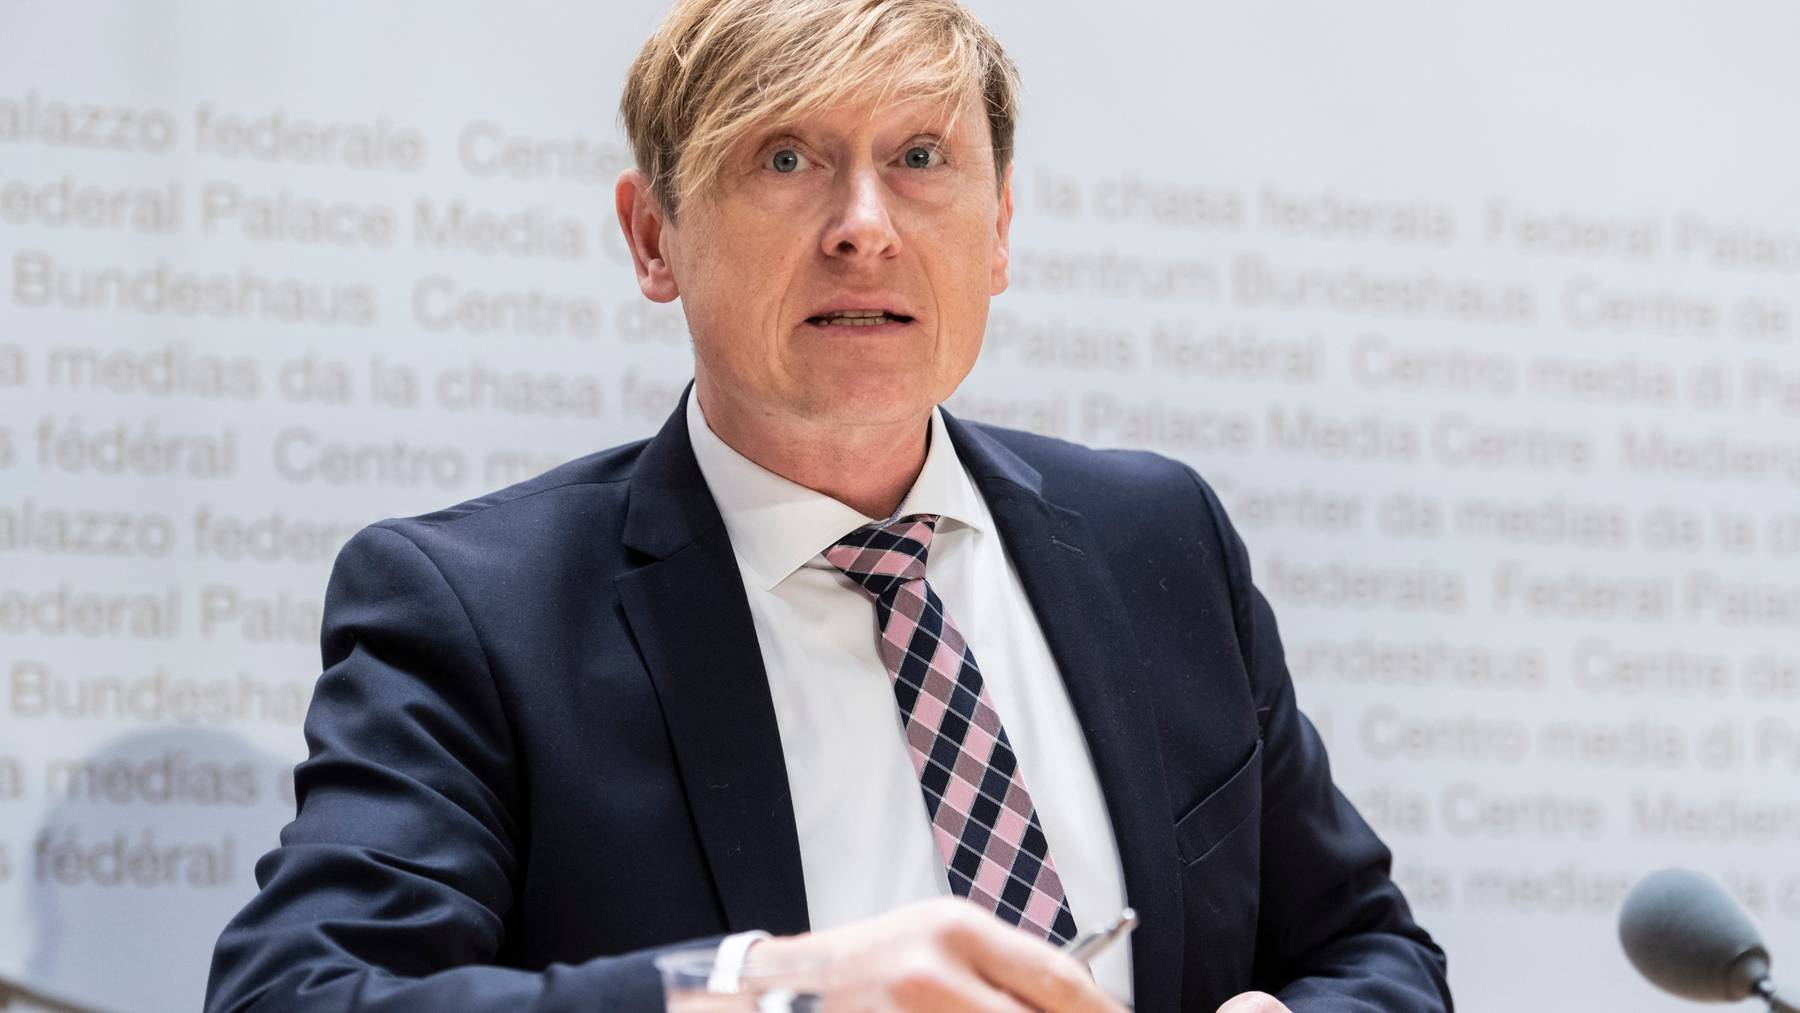 Der Schweizer Preisüberwacher Stefan Meierhans präsentierte seinen Jahresbericht 2019.